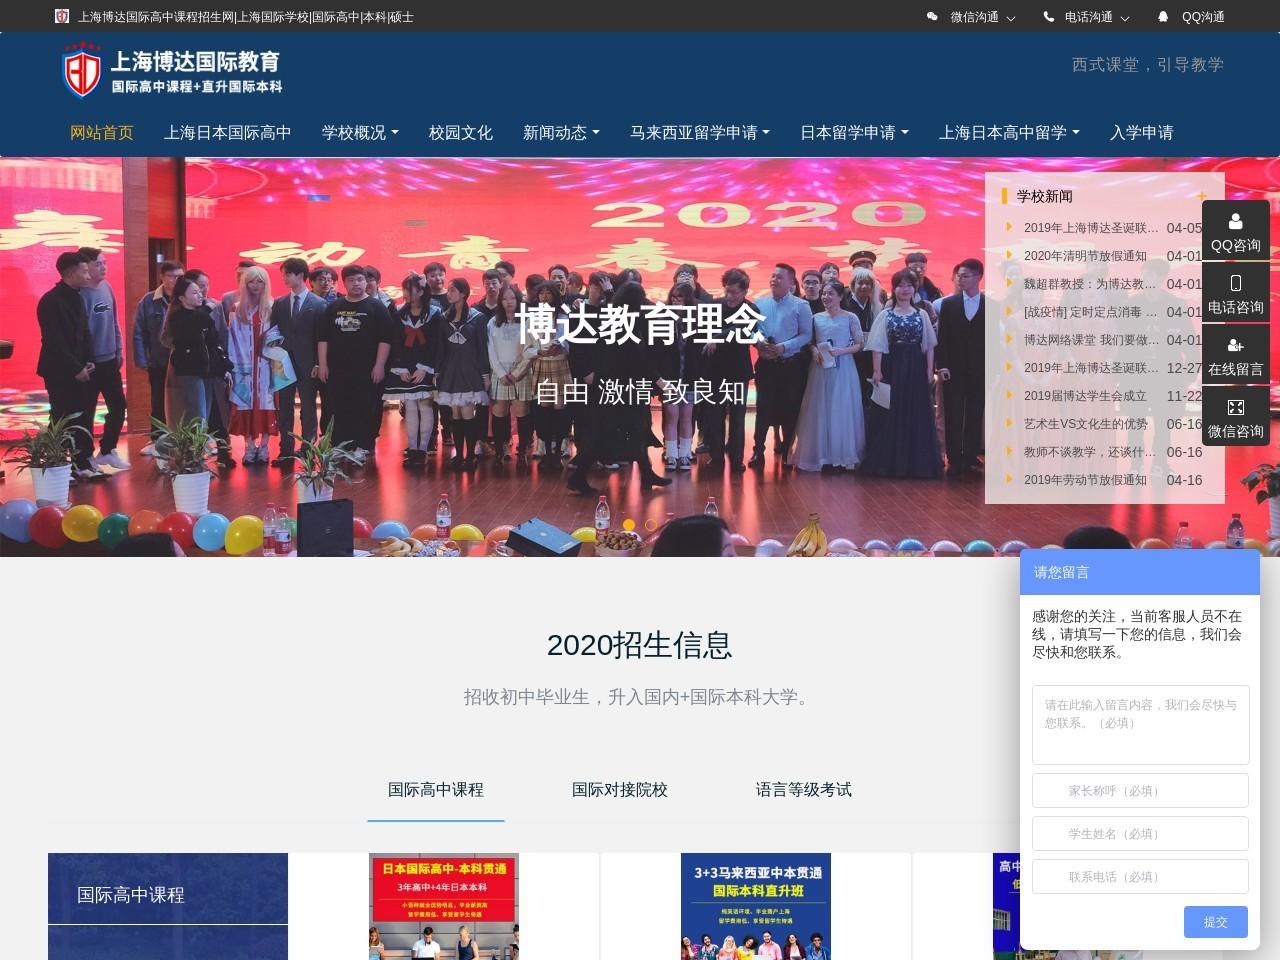 上海国际高中学校【博达国际教育】上海日本国际高中|英美澳|新加坡国际高中